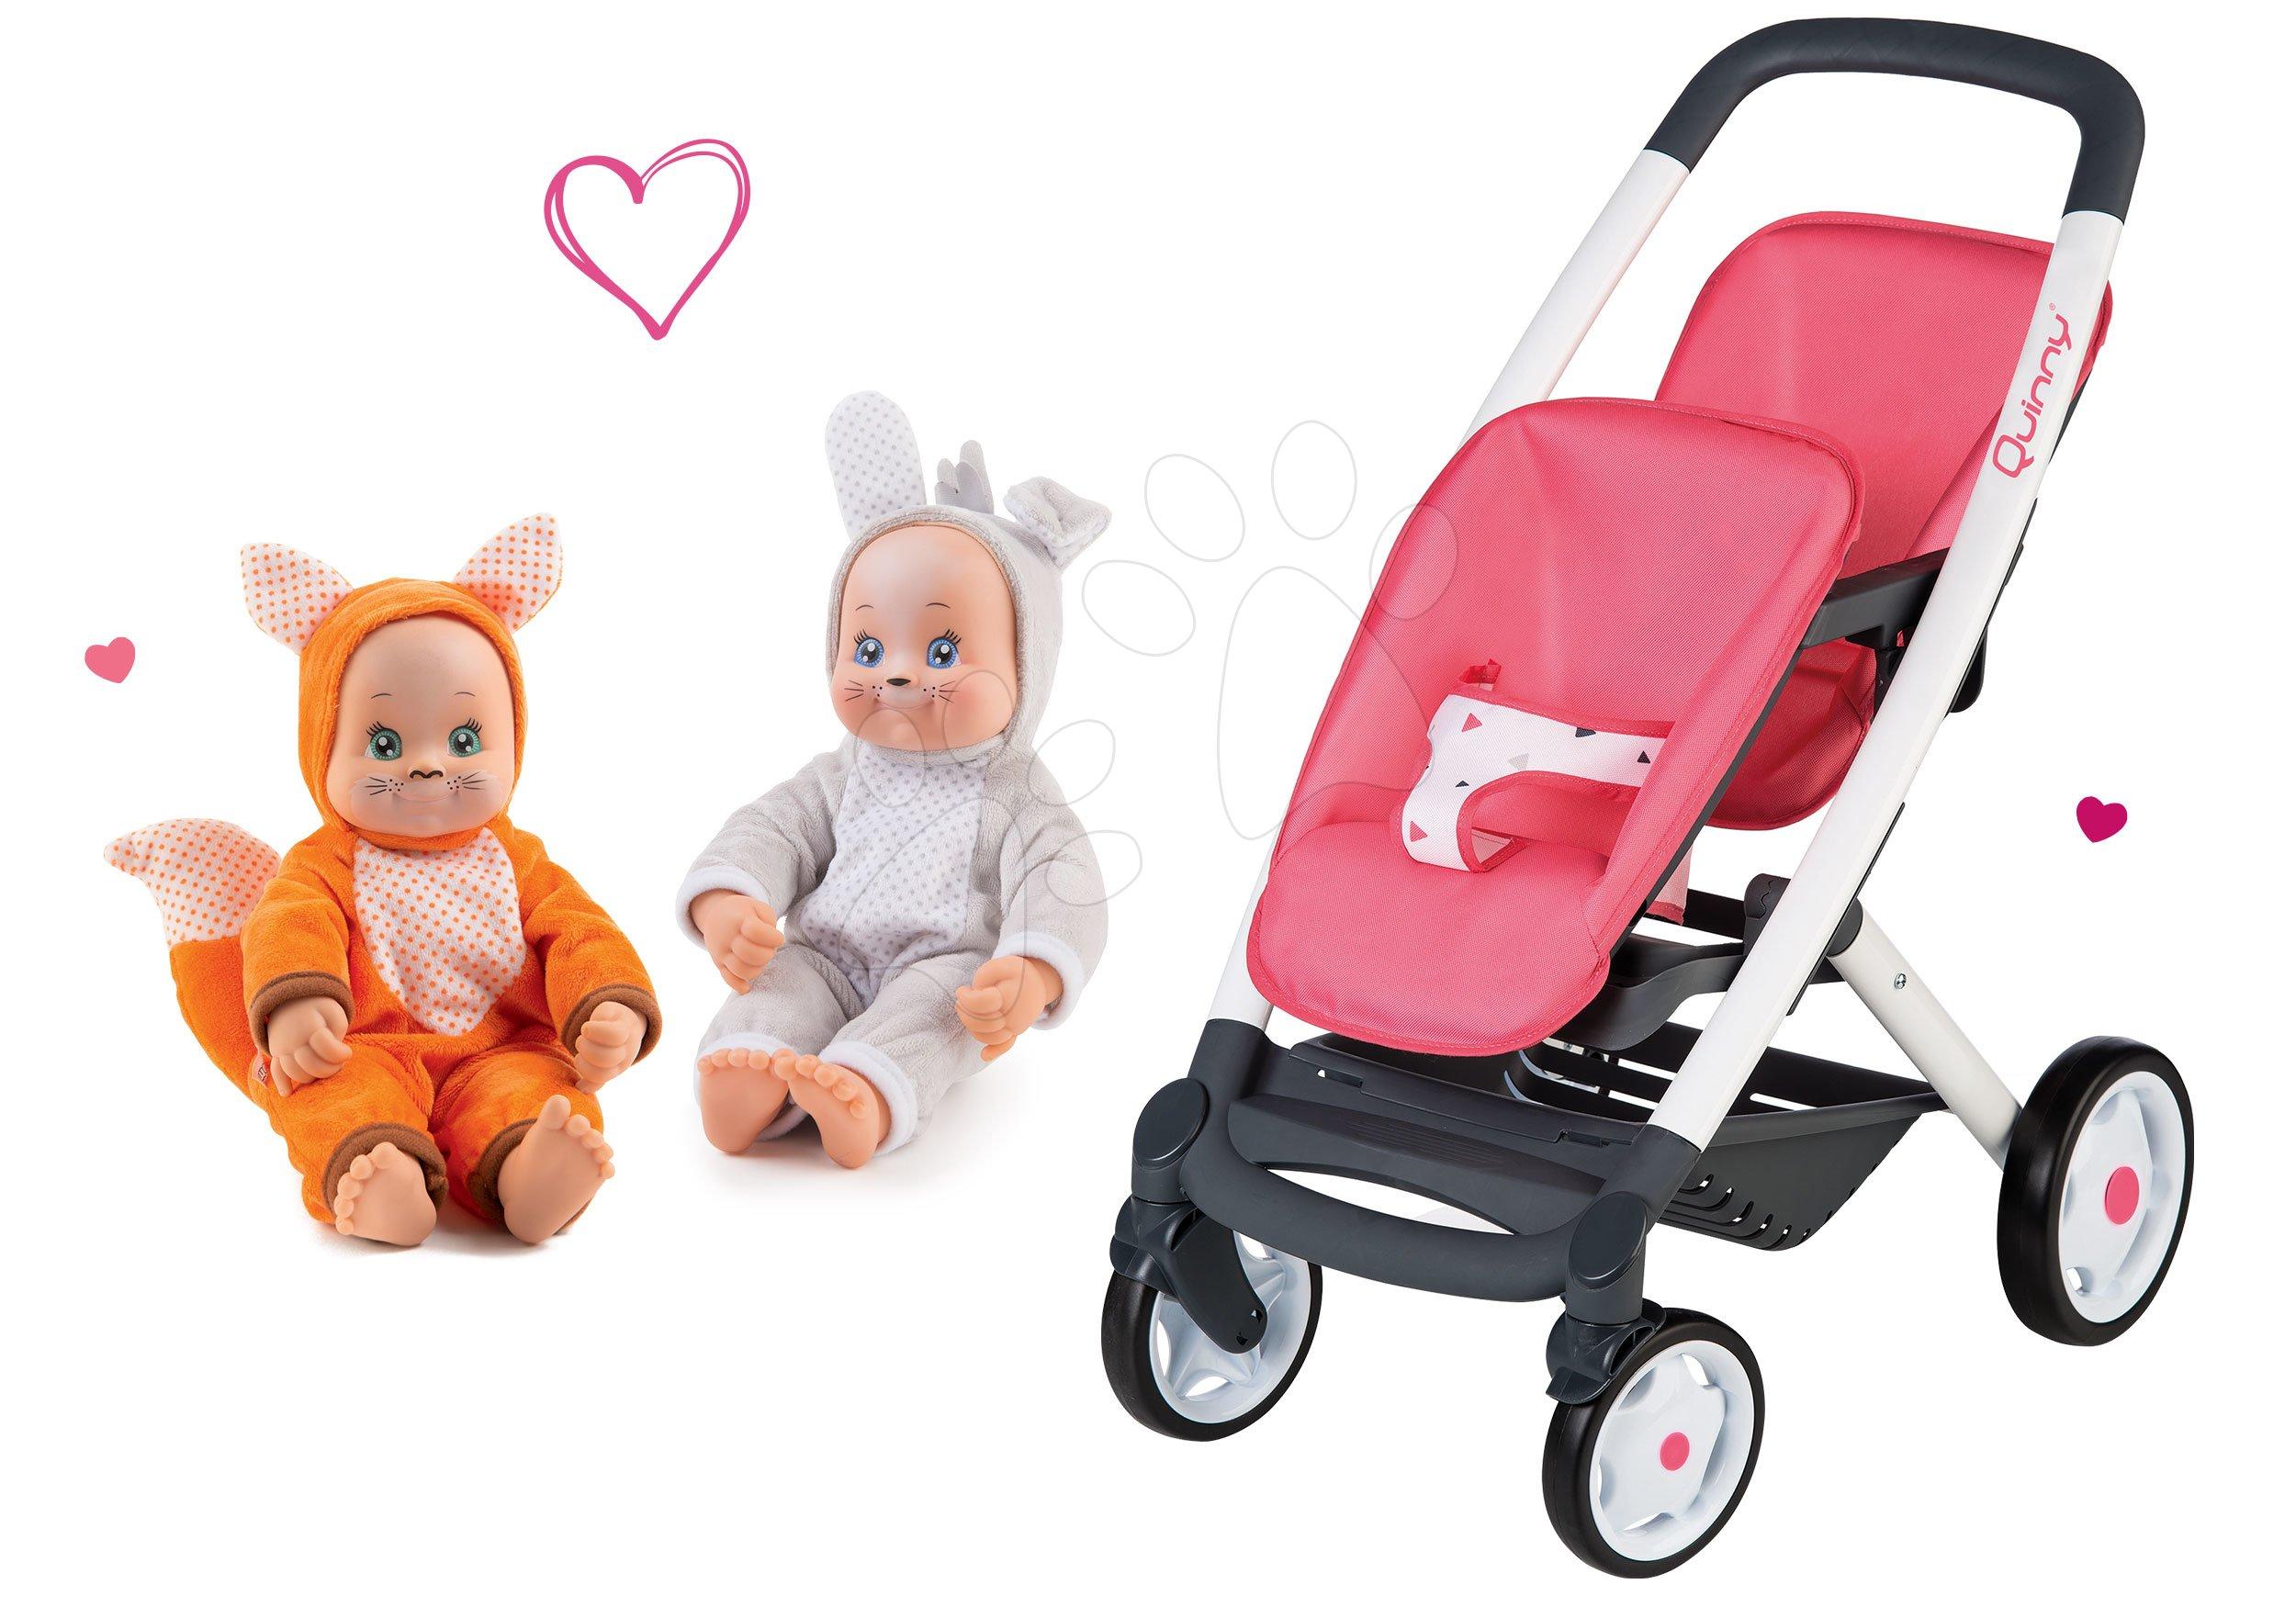 Set kočík pre dve bábiky Twin Trio Pastel Maxi Cosi & Quinny Smoby a bábiky dvojičky v kostýme MiniKiss Animal Doll so zvukom